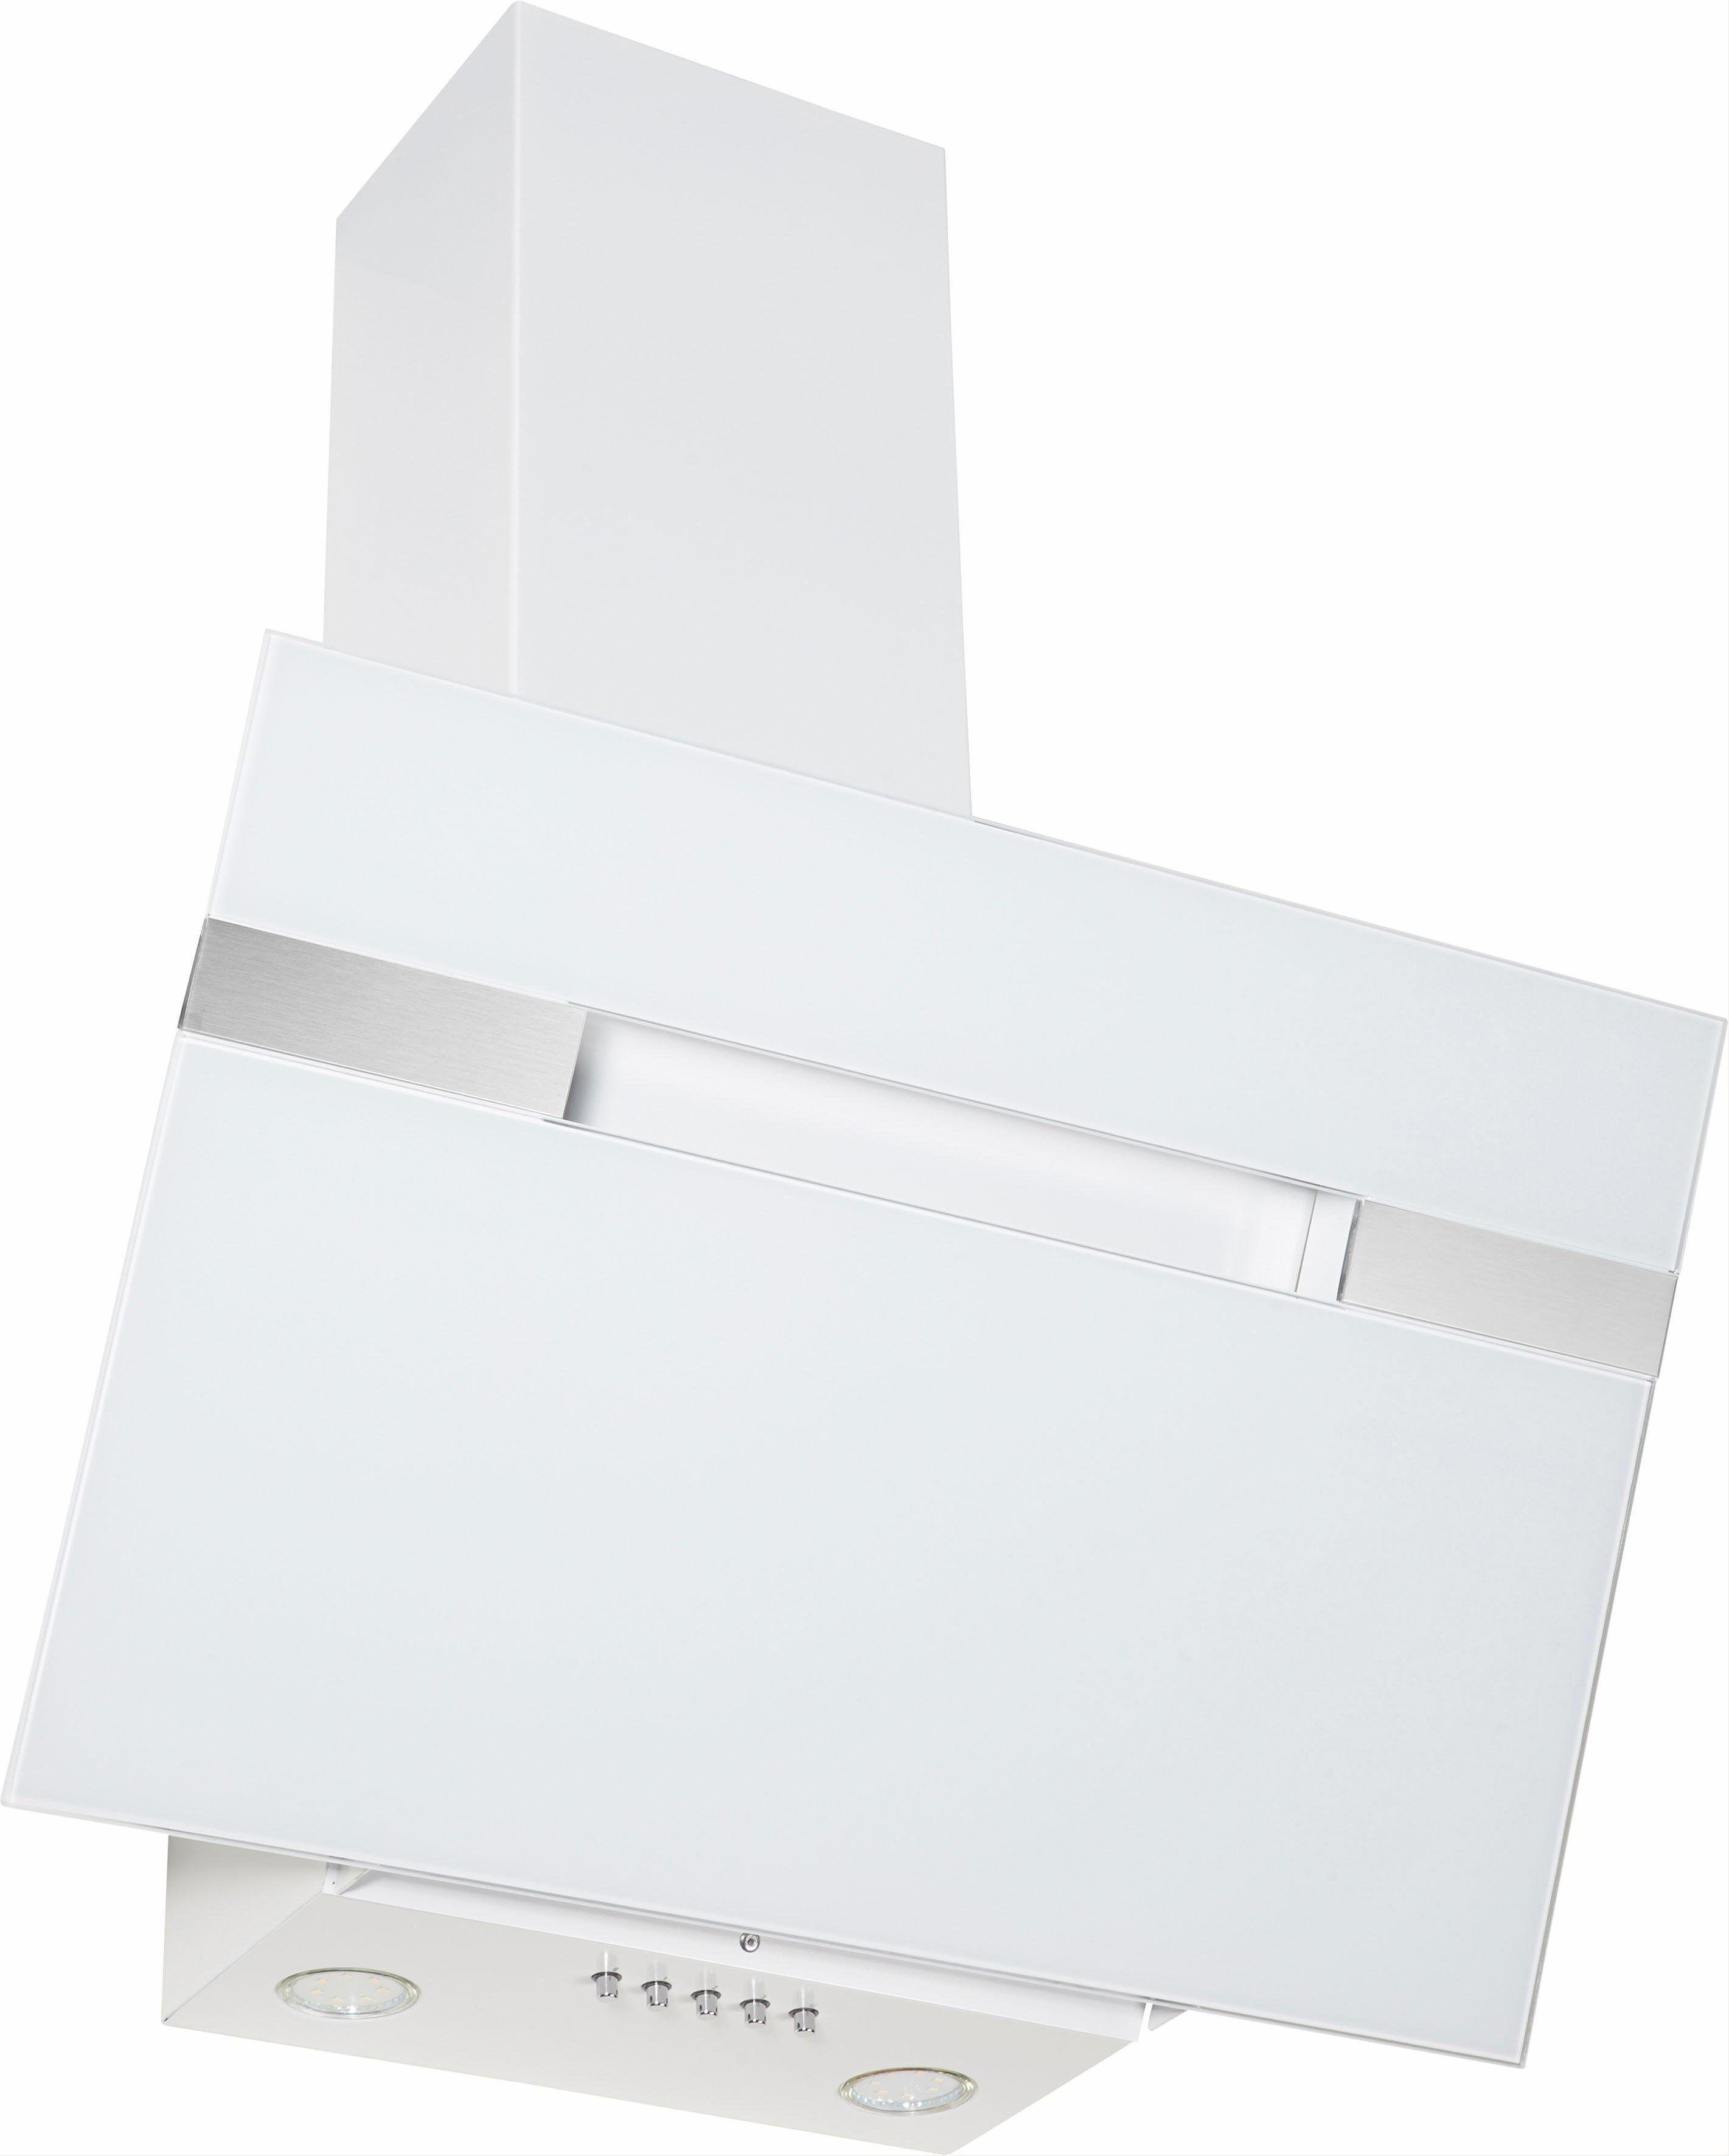 Amica Kopffreihaube KH 17404 W, LED-Beleuchtung, Energieeffizienzklasse C